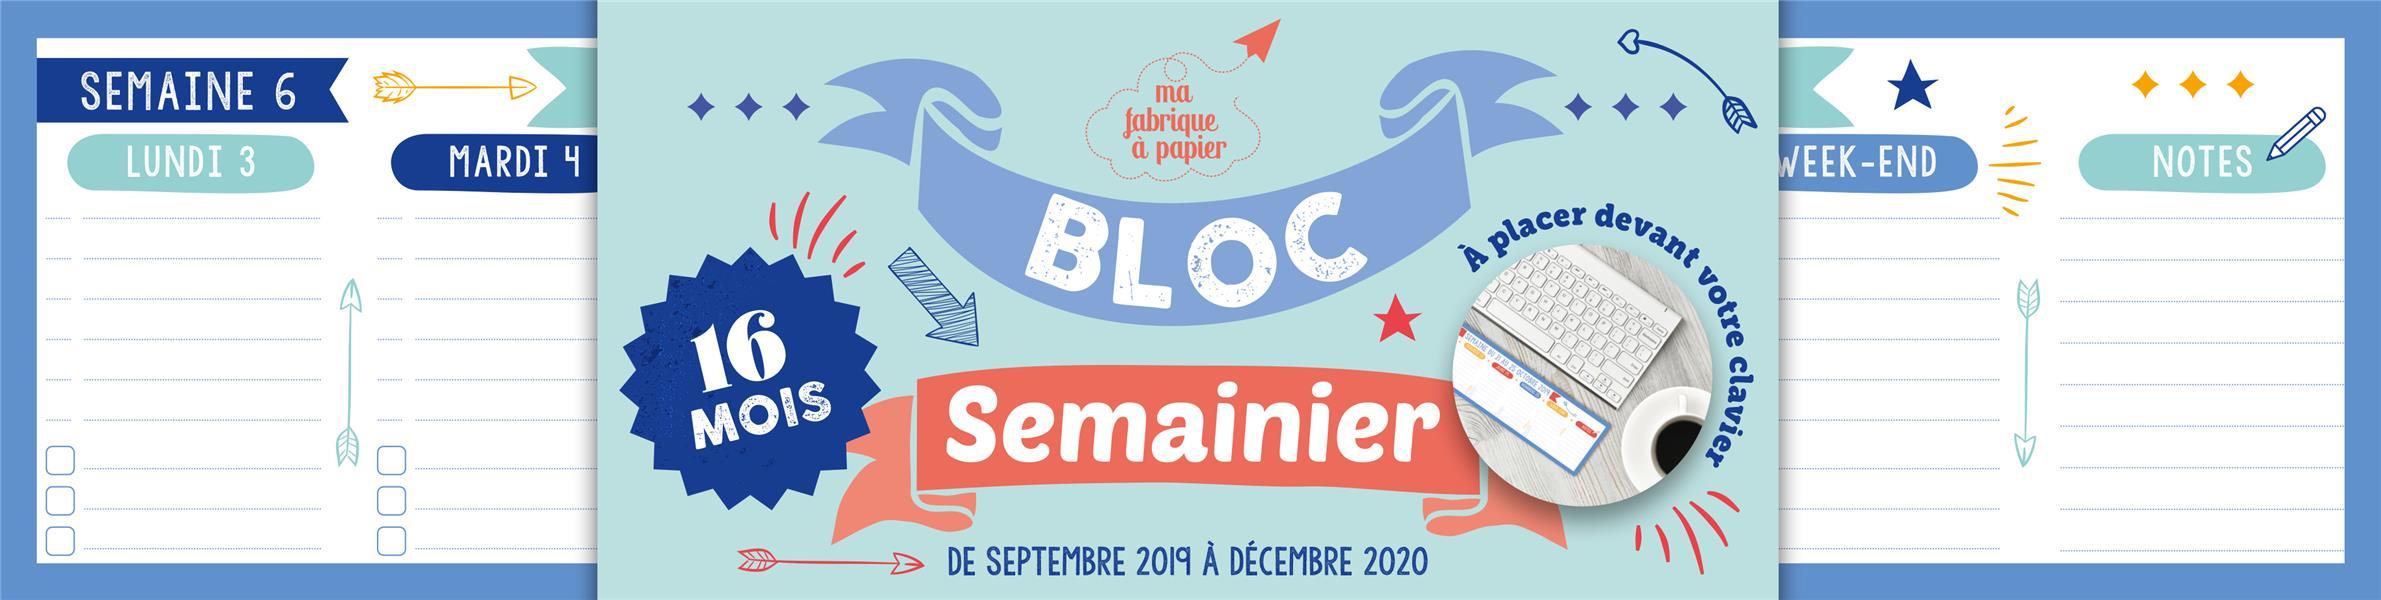 XXX - SEMAINIER BLOC CLAVIER 2019-2020